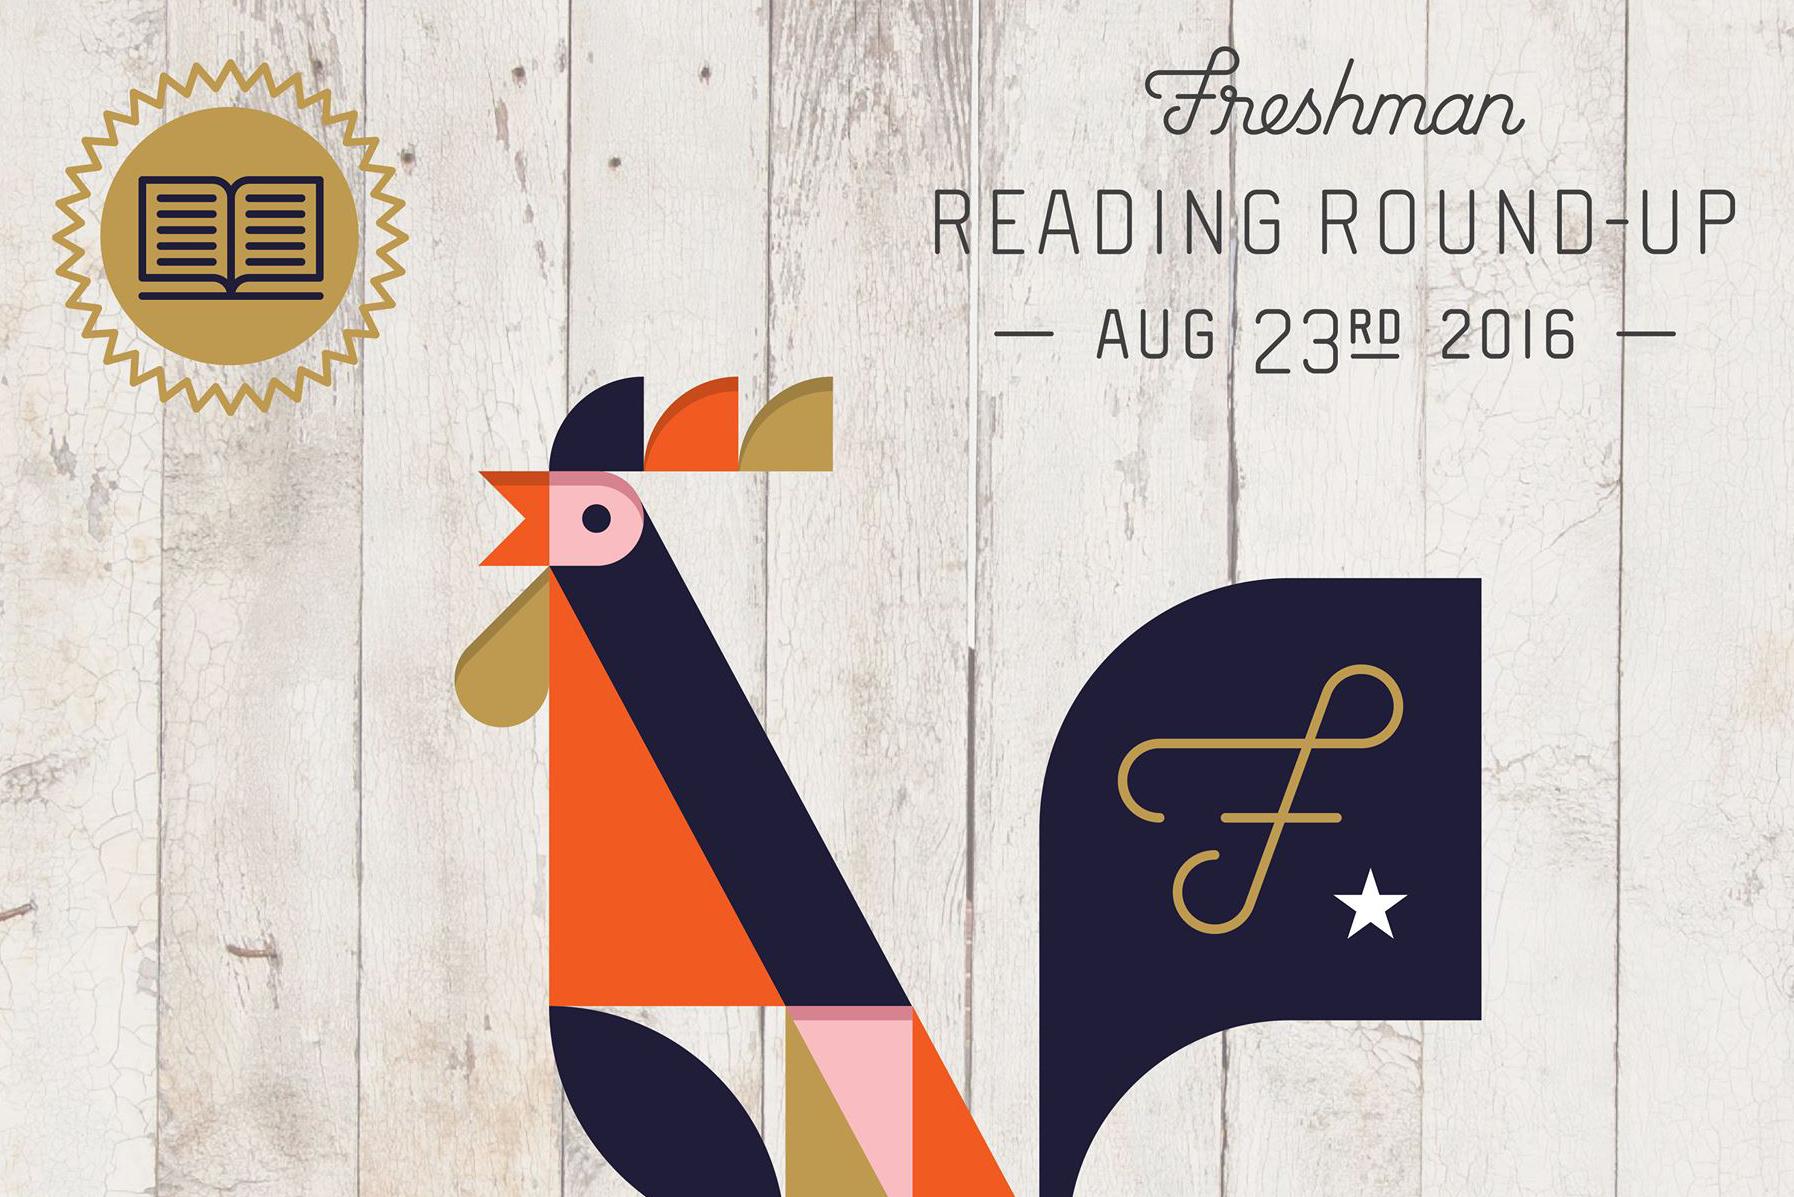 Freshman Reading Round-Up promo